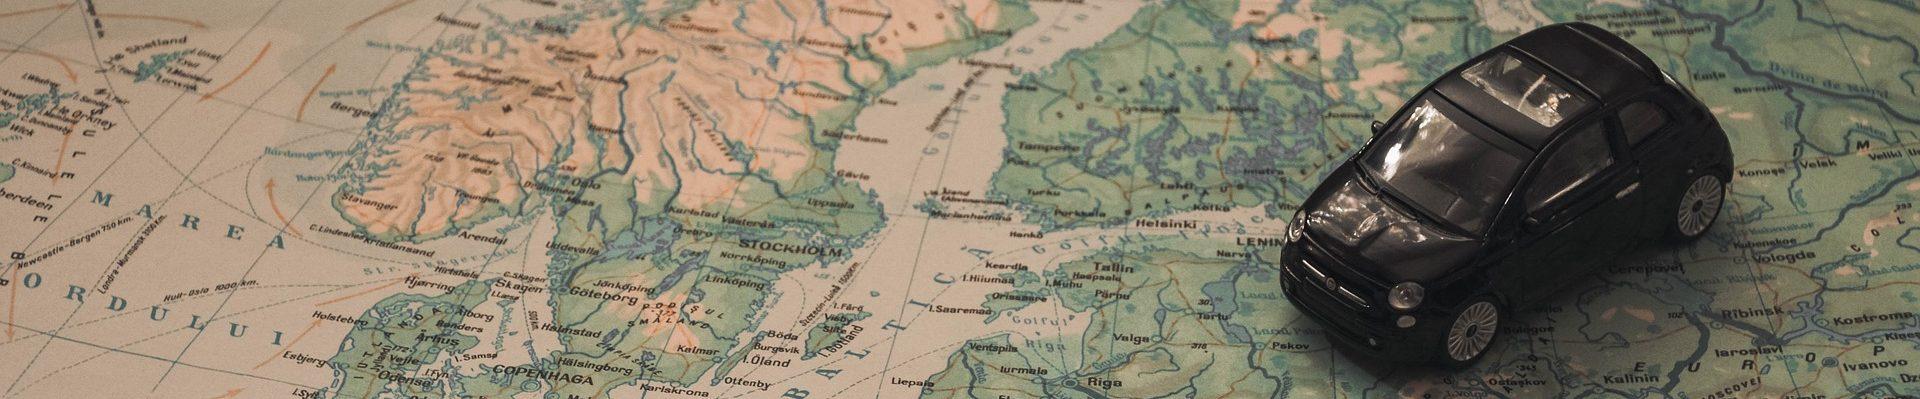 Karta Sveriges